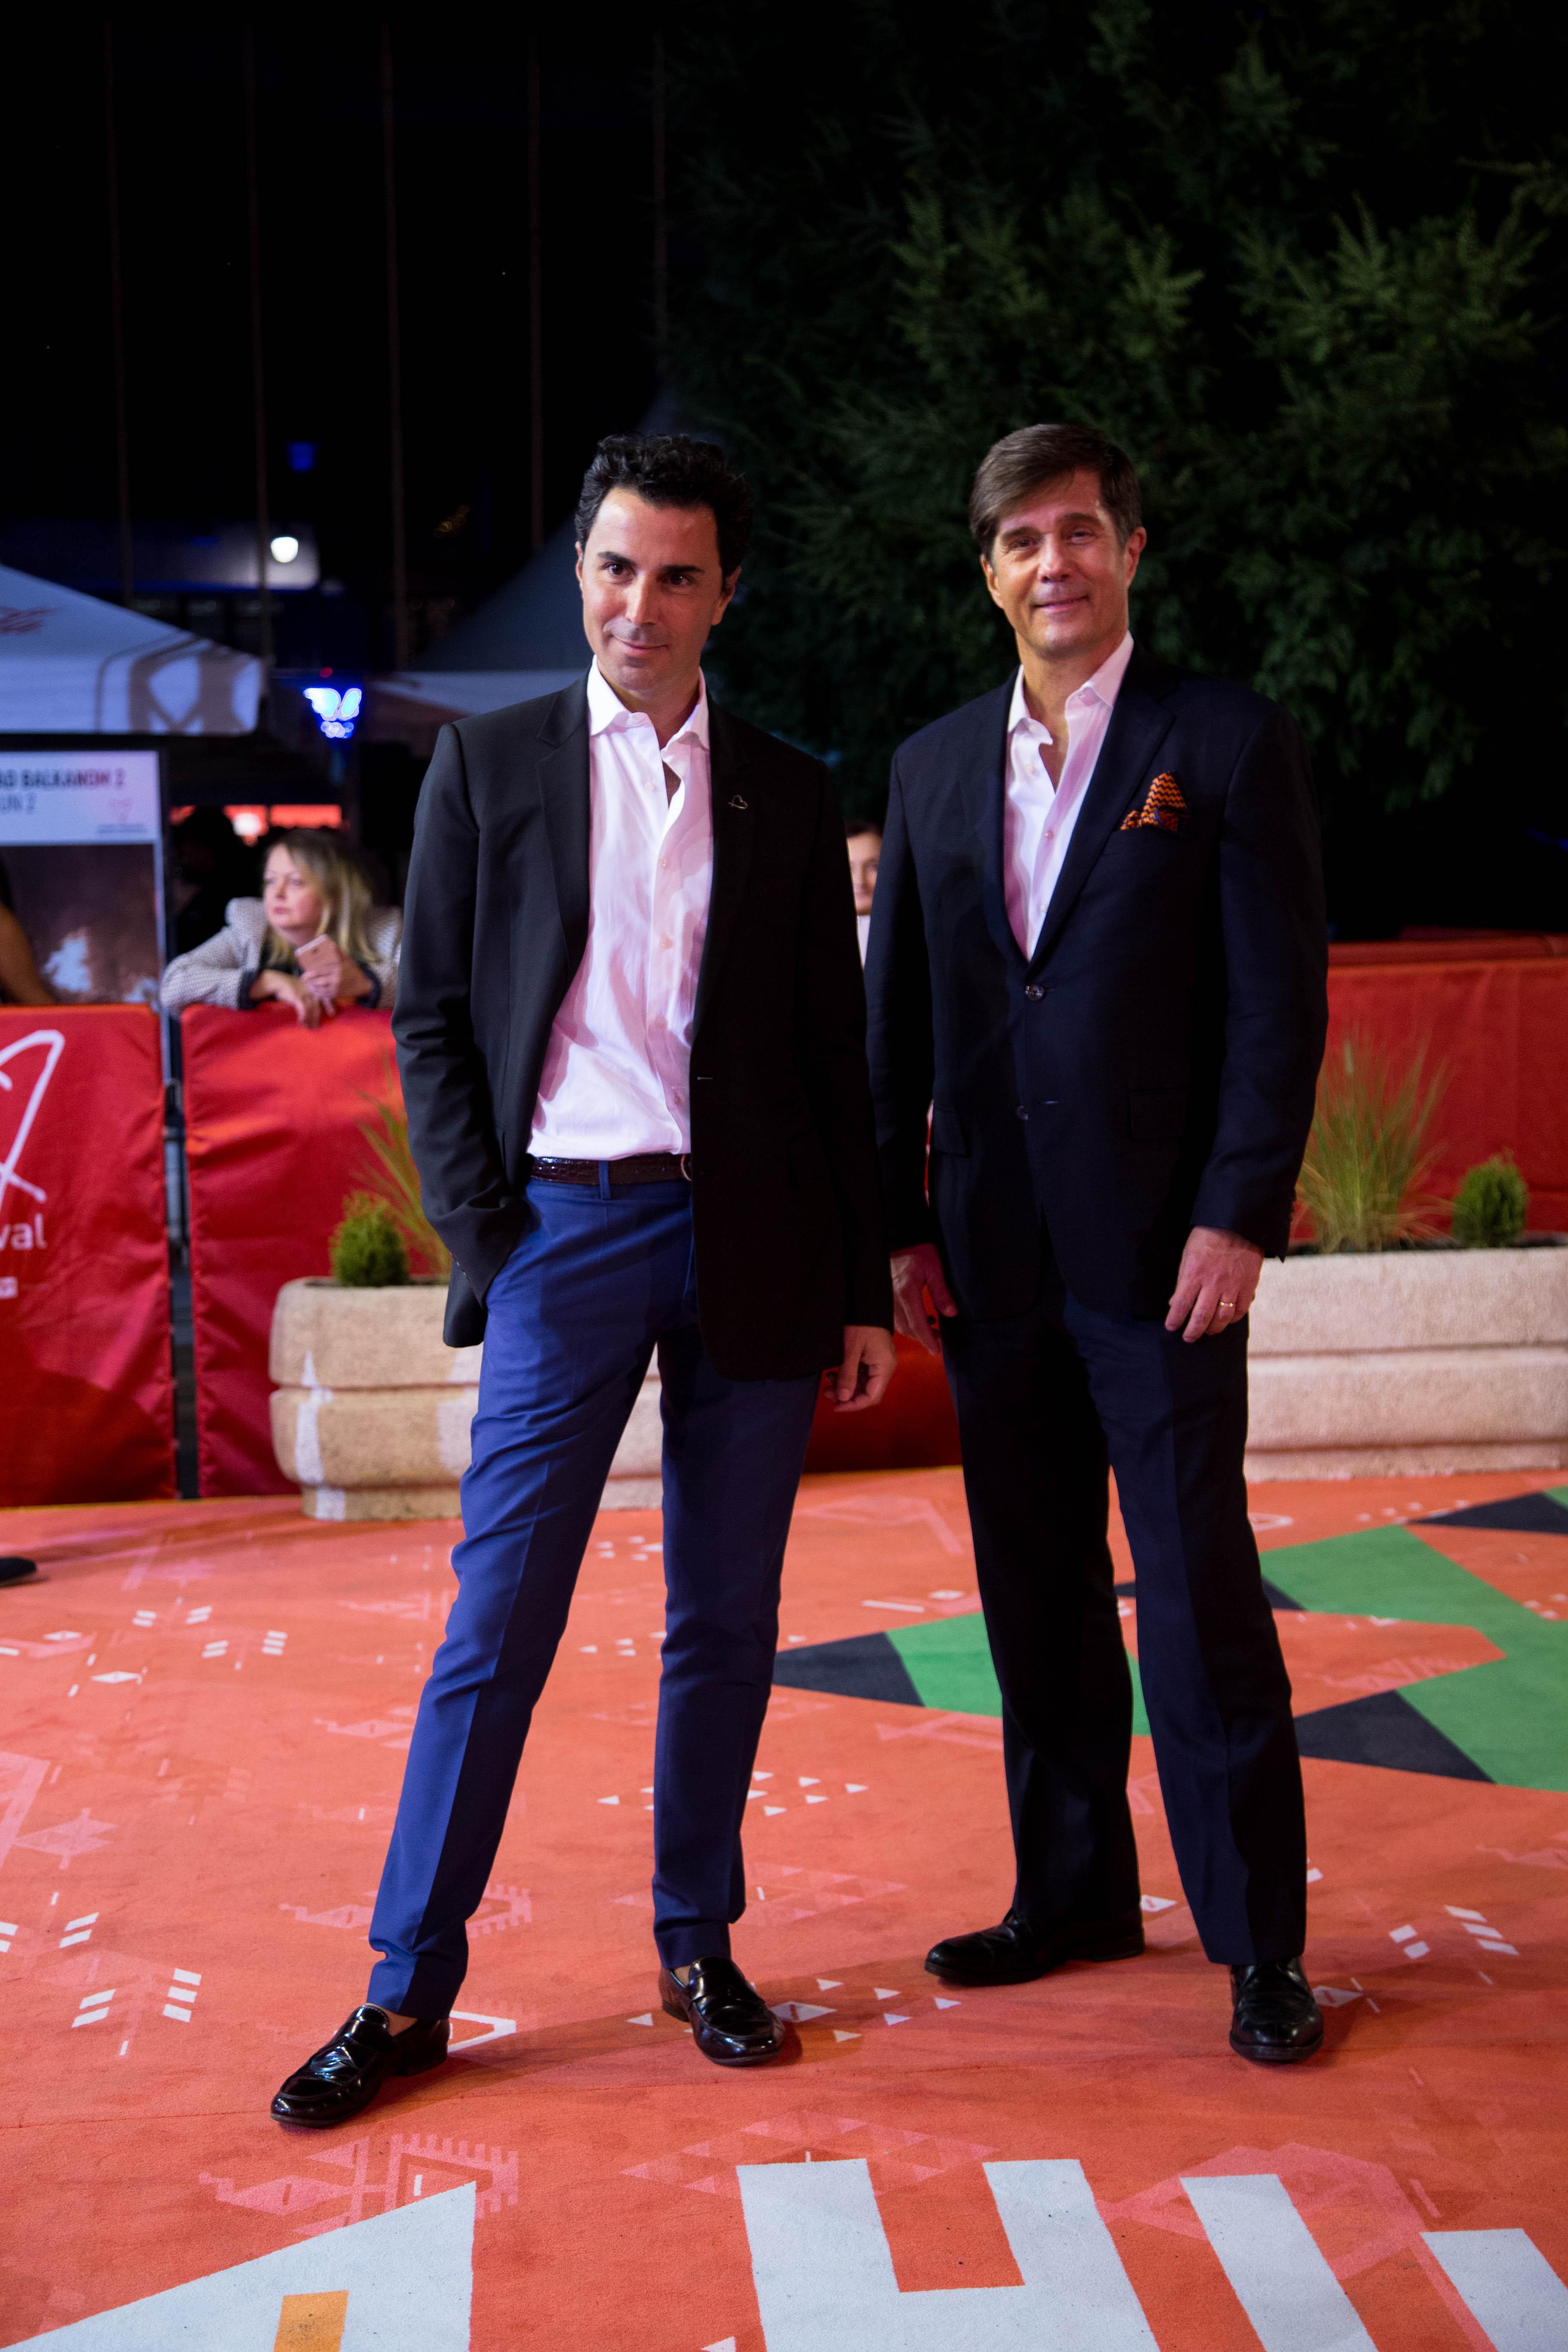 cetvrta noc sarajevo film festival senka catic (37)